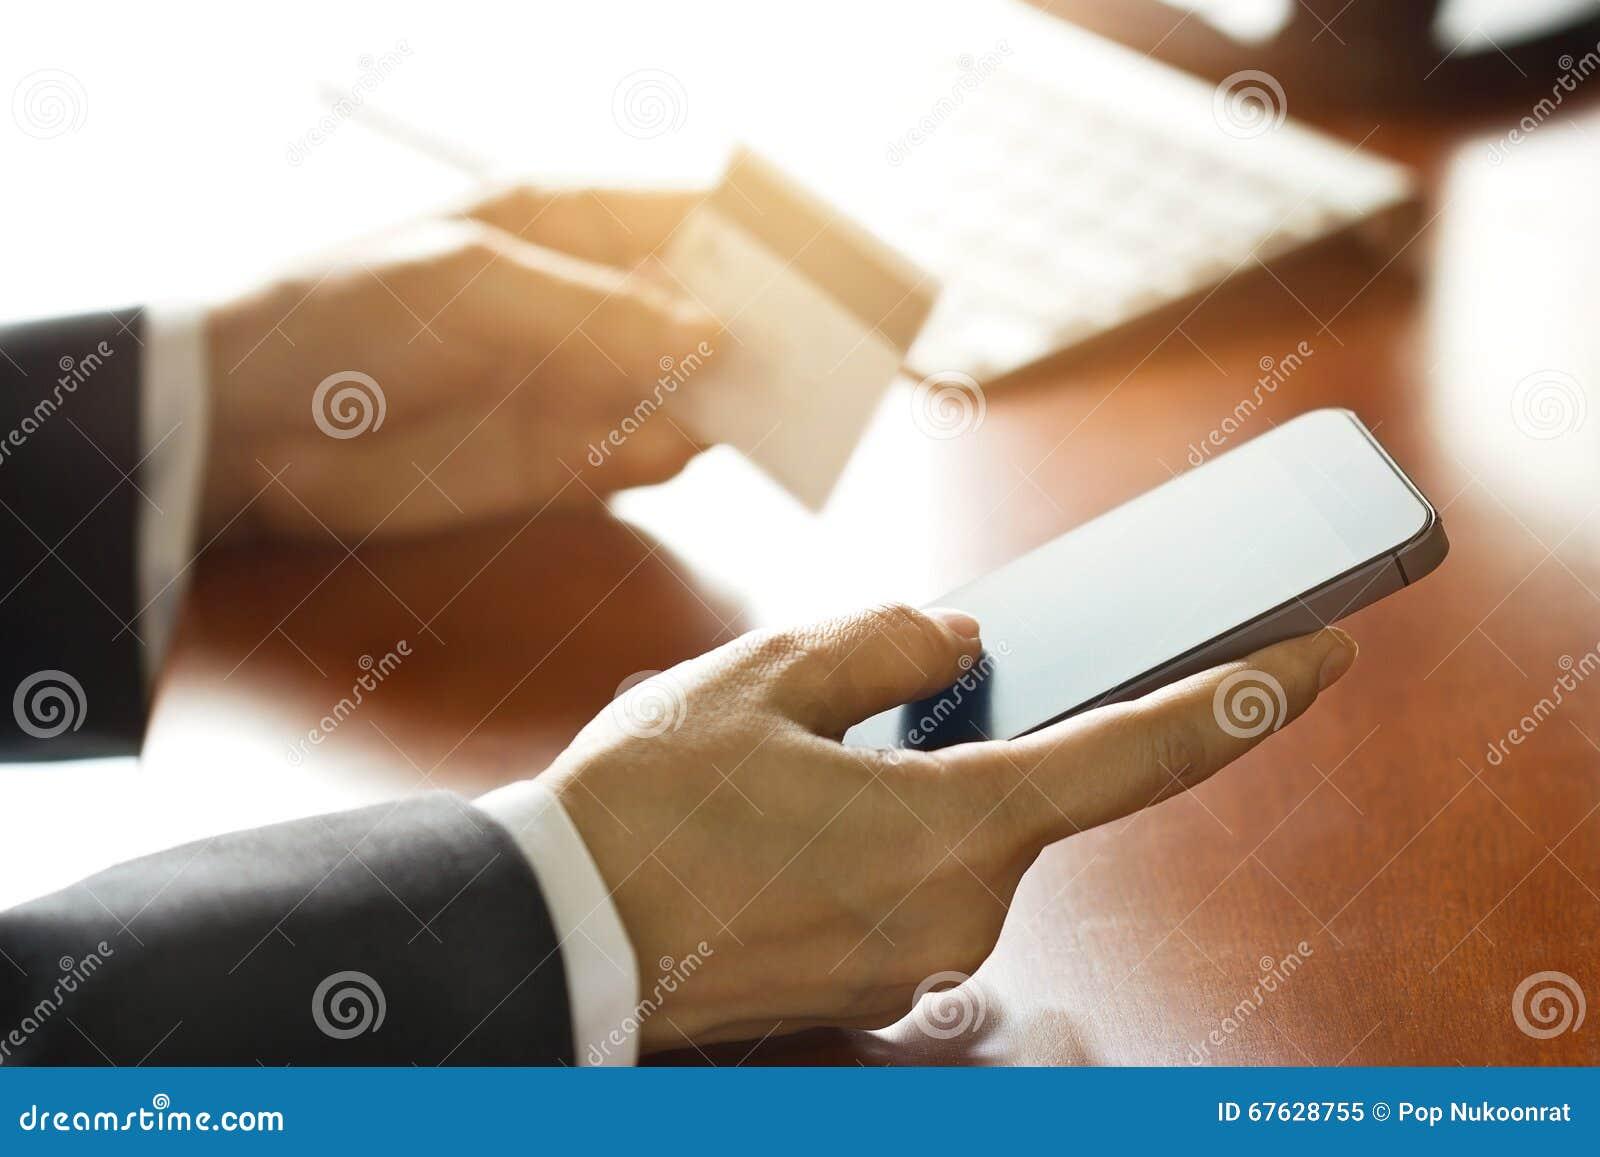 Pagamenti mobili, uomo di affari che usando smartphone e la carta di credito per l acquisto online